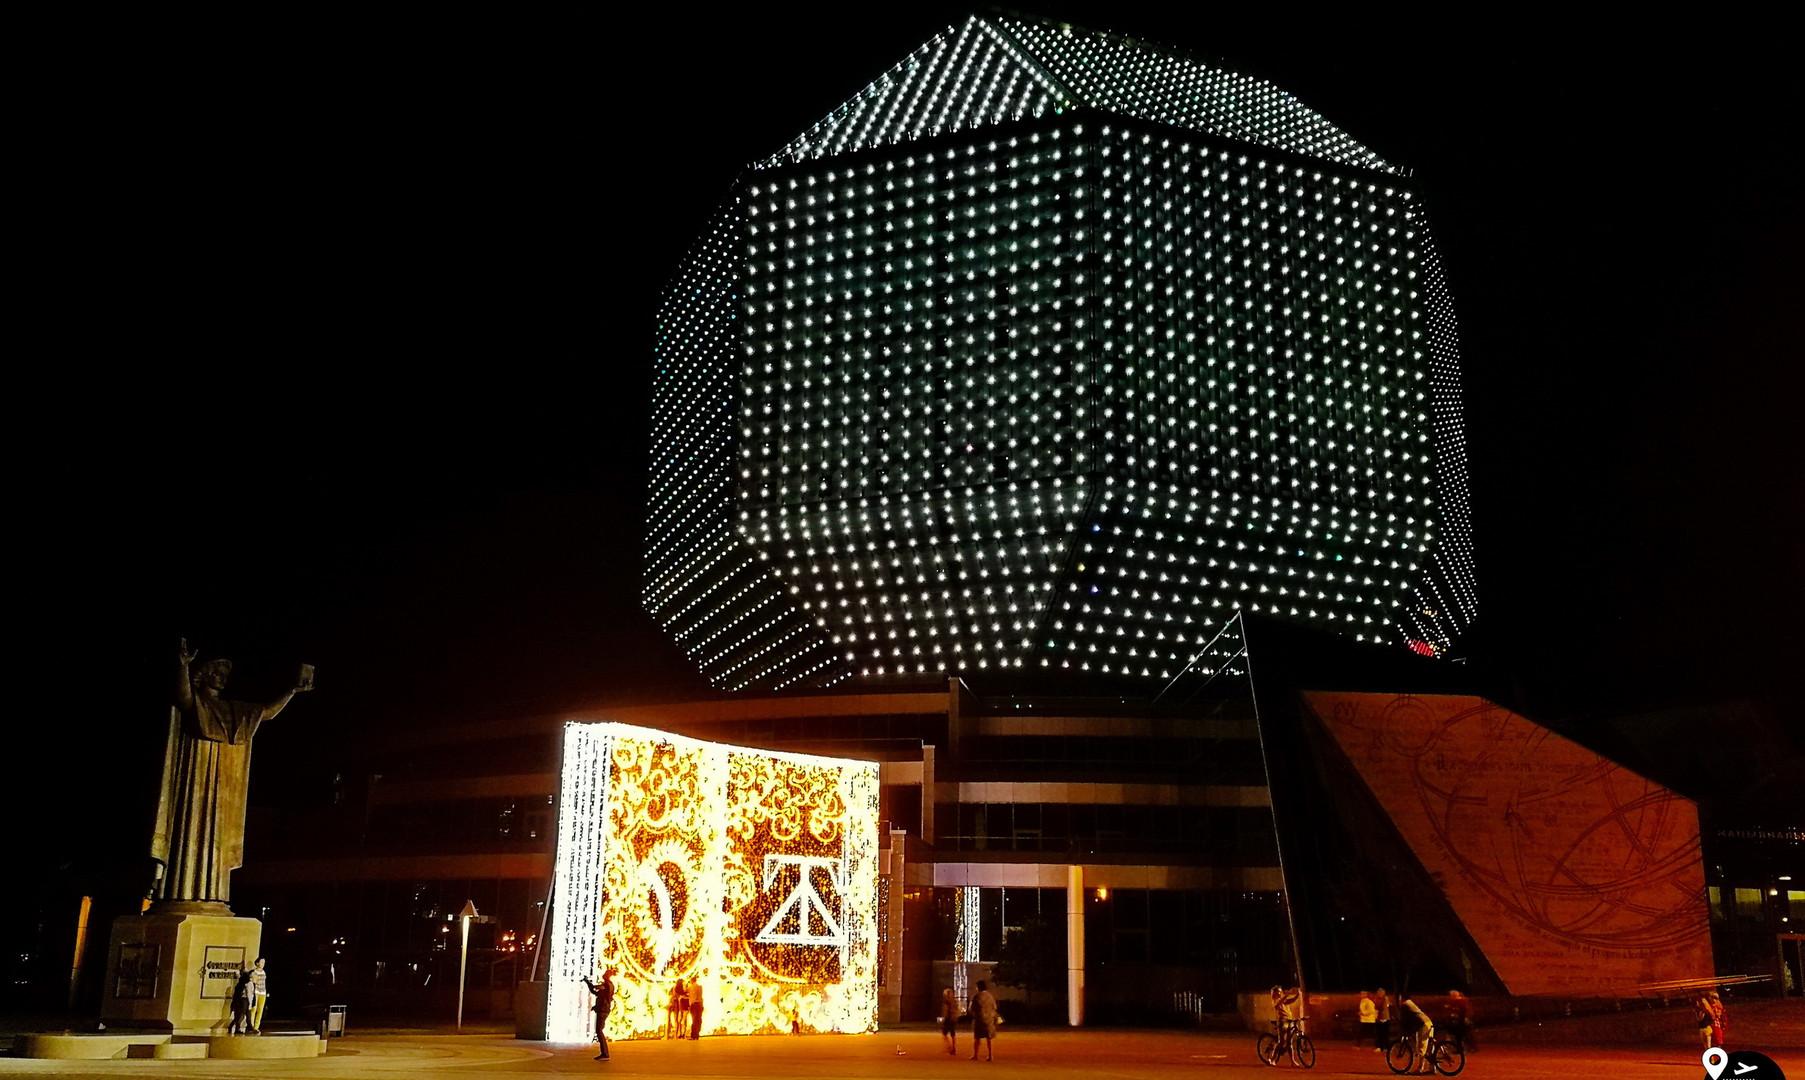 Национальная библиотека Беларуси, Минск